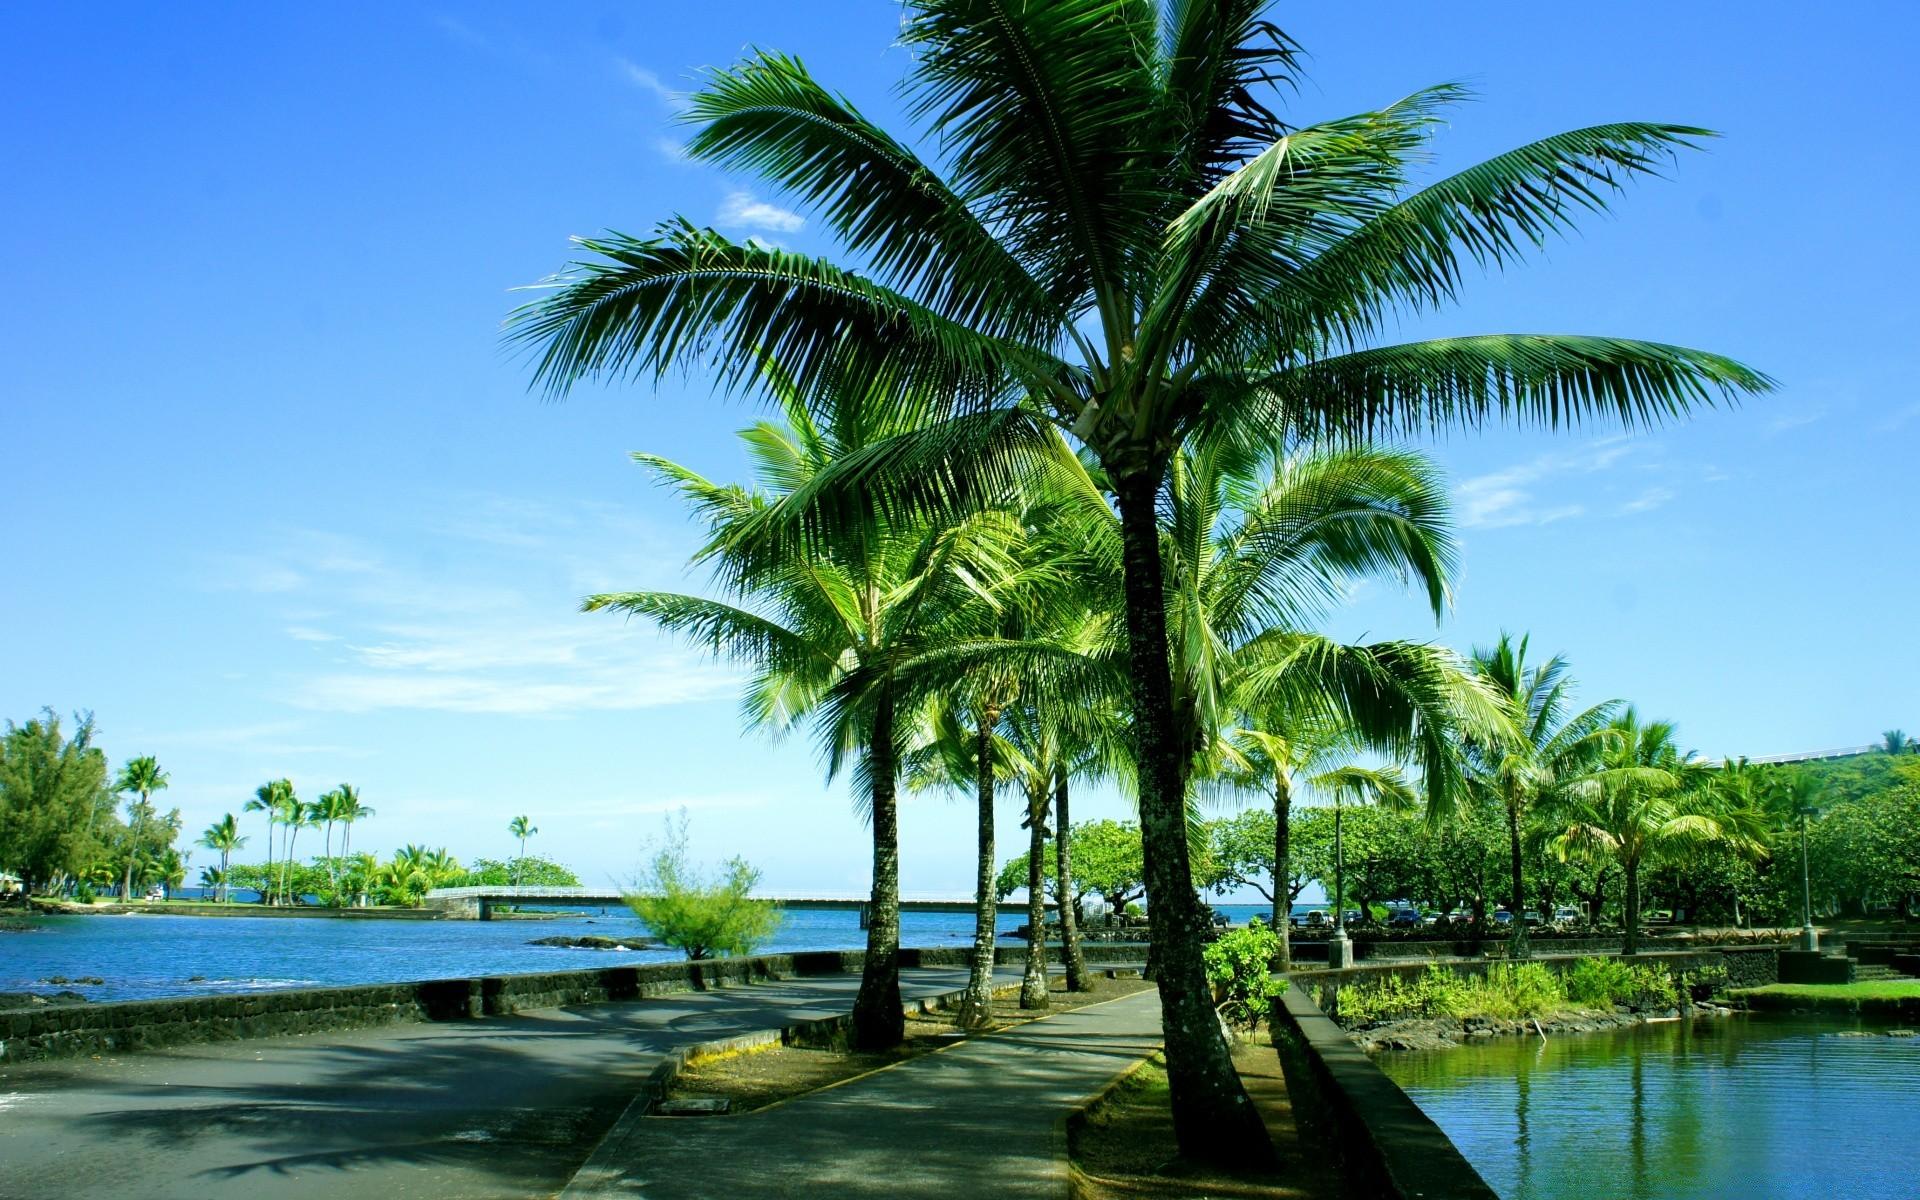 Картинки на рабочий стол с пальмами